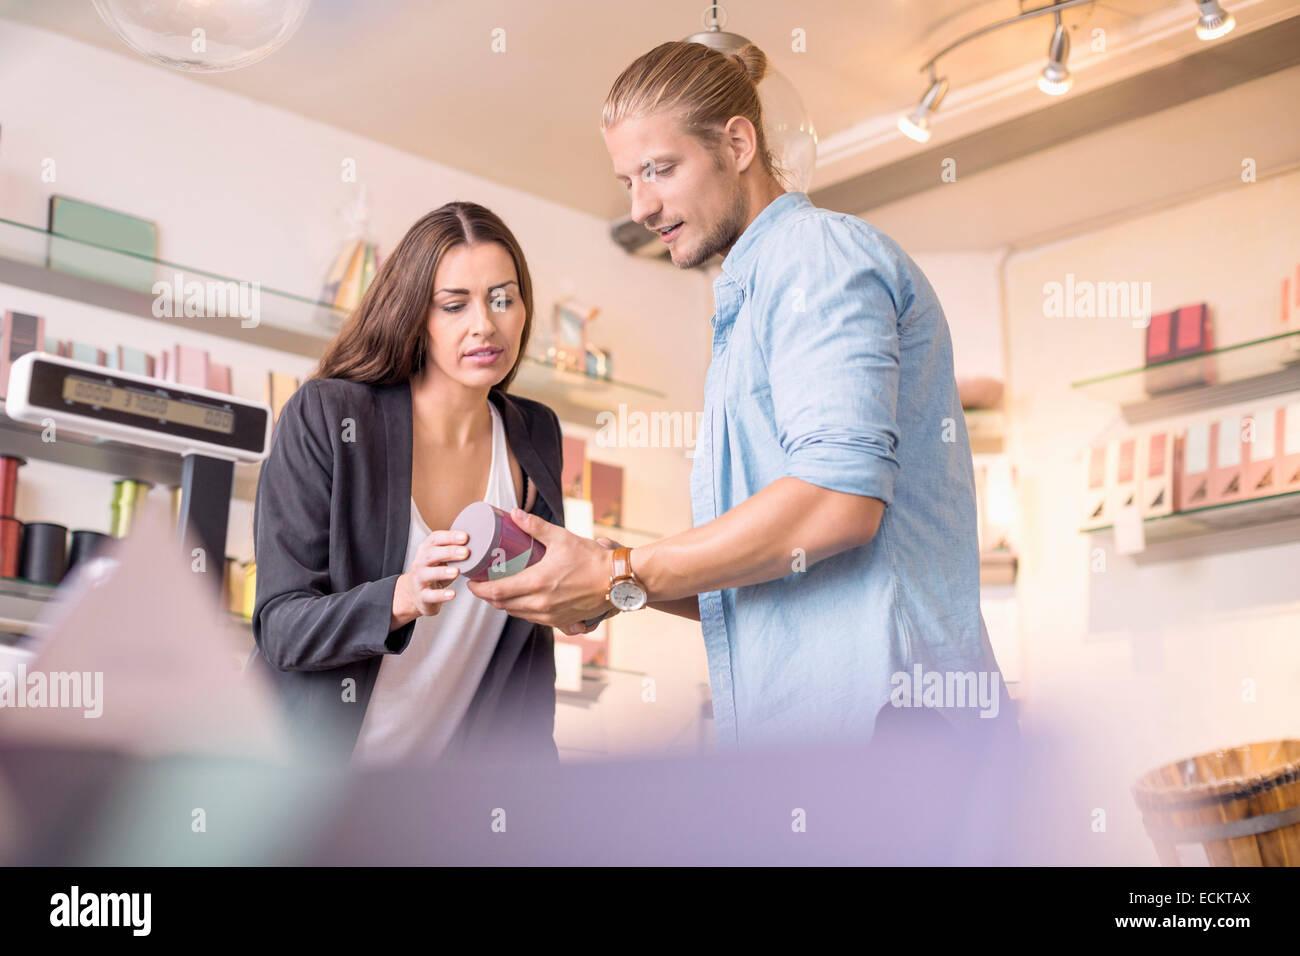 Travailleur féminin avec collègue discuter tout en maintenant le produit en magasin de bonbons Photo Stock